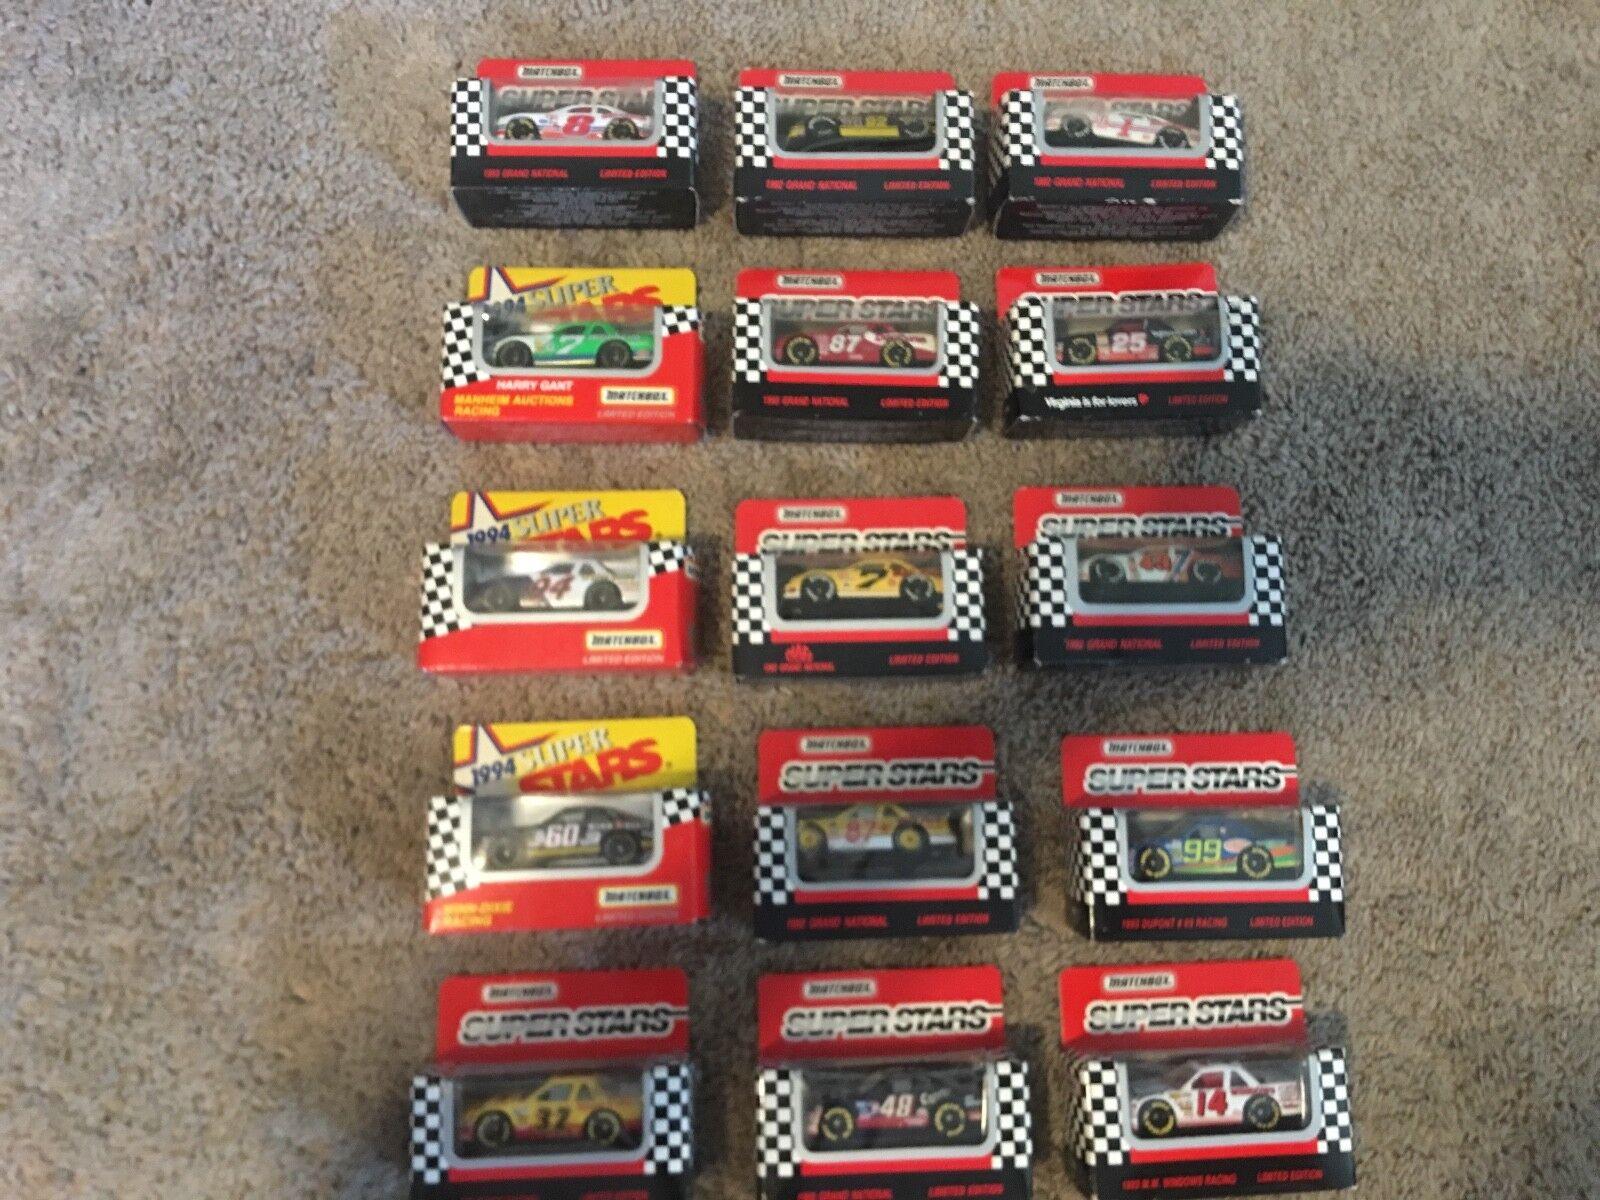 18 cajas de cerillas, edición limitada de súperestrella naska, Cocheros de fundición, vehículos nuevos y 12 vehículos usados.